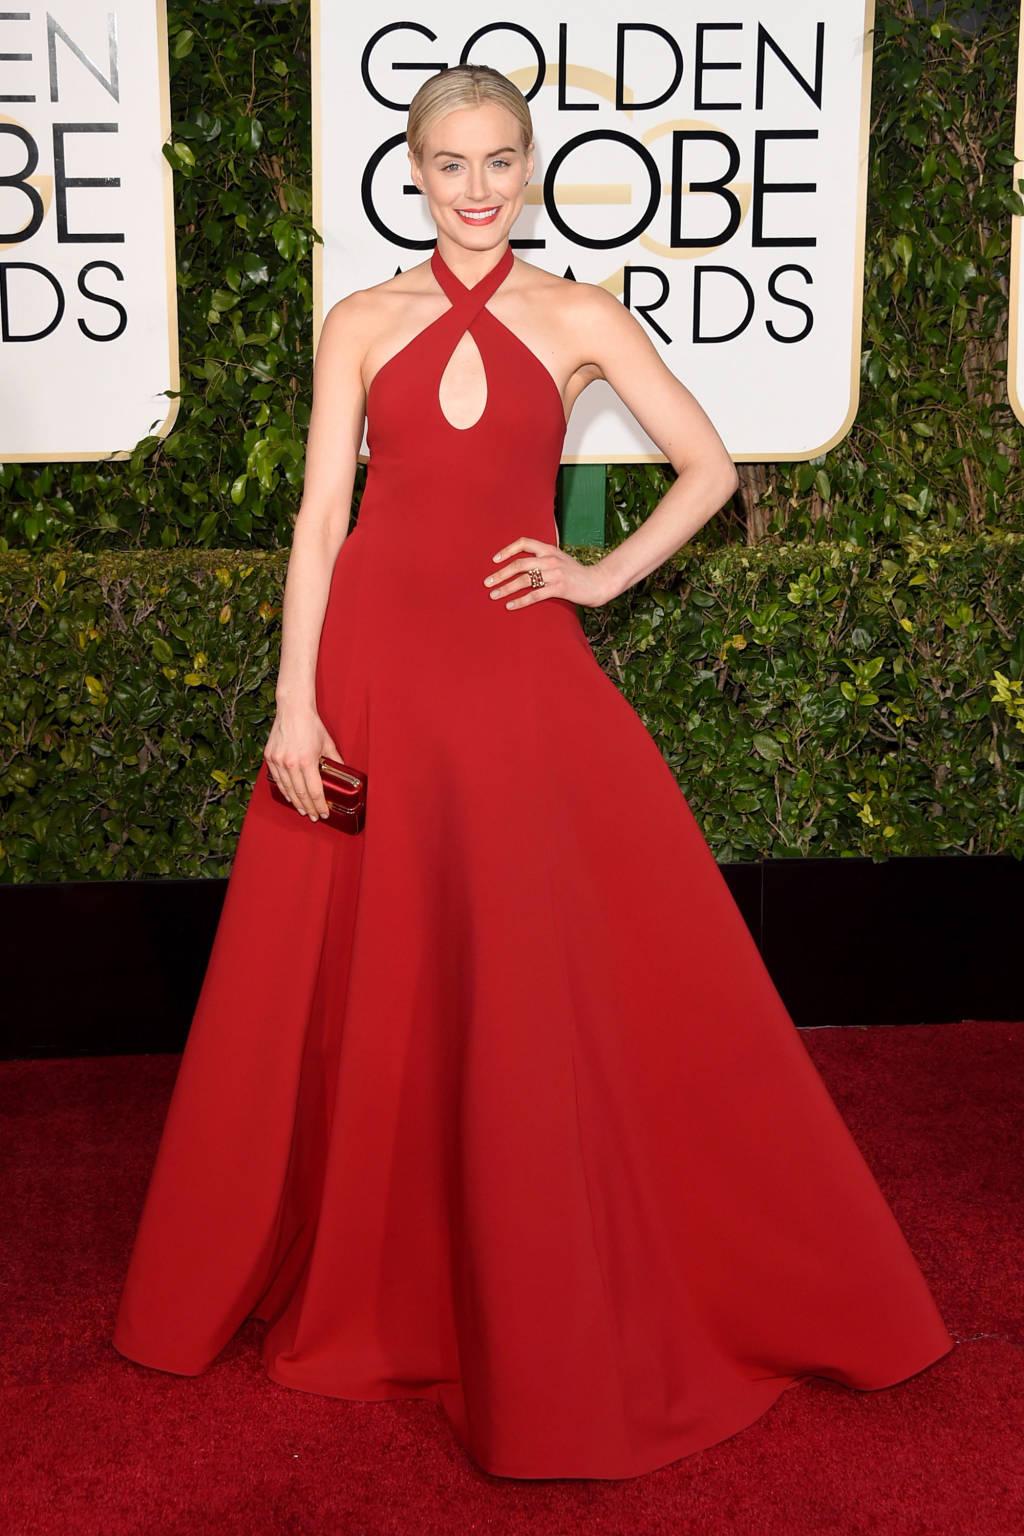 Χρυσές Σφαίρες 2015 Κόκκινο φόρεμα